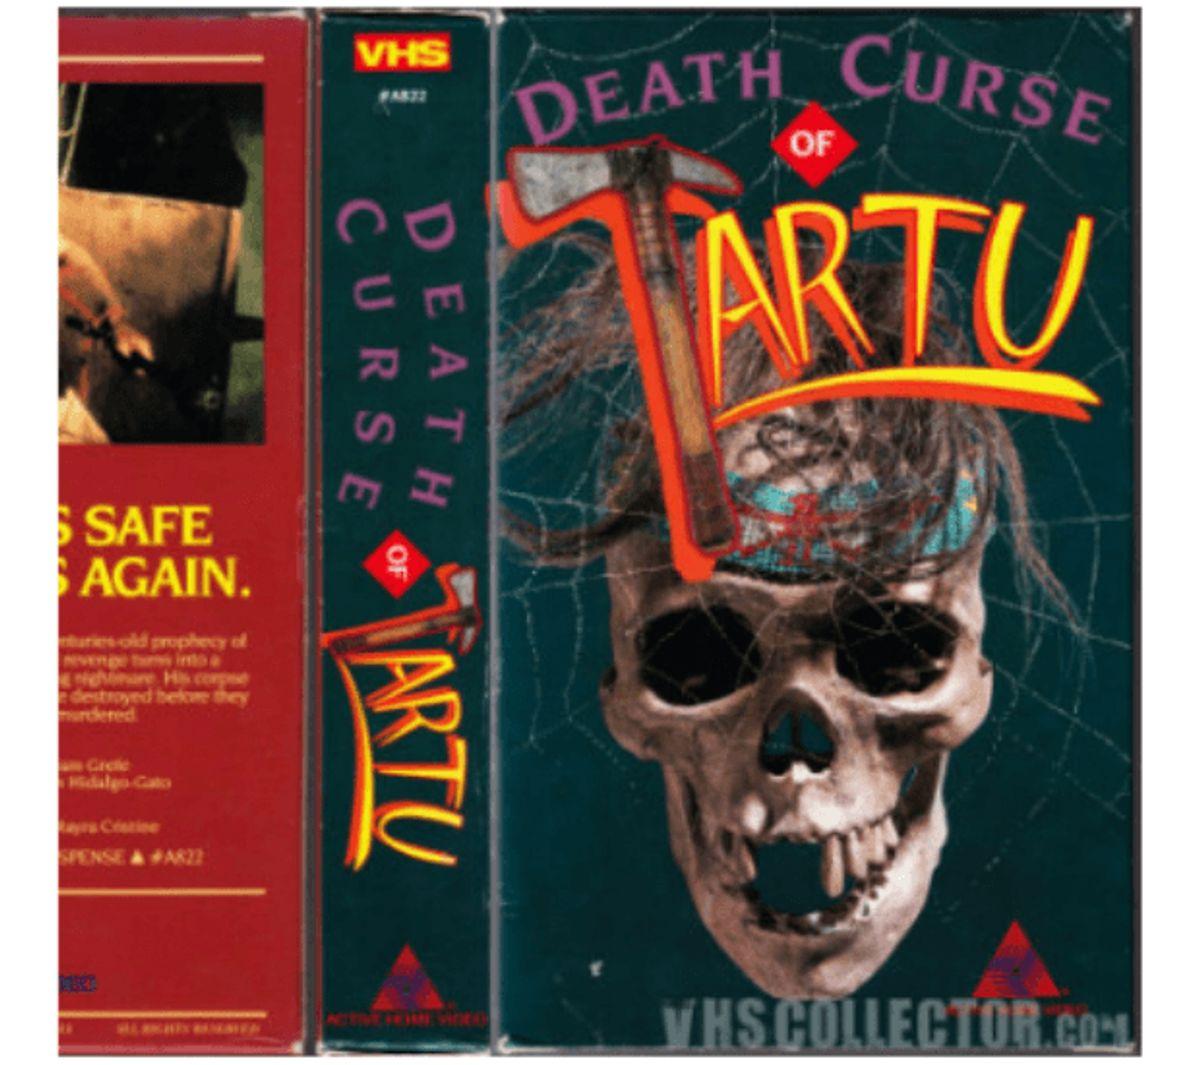 Curse Of Death – 7.000 kroner. Foto: DBA Guide